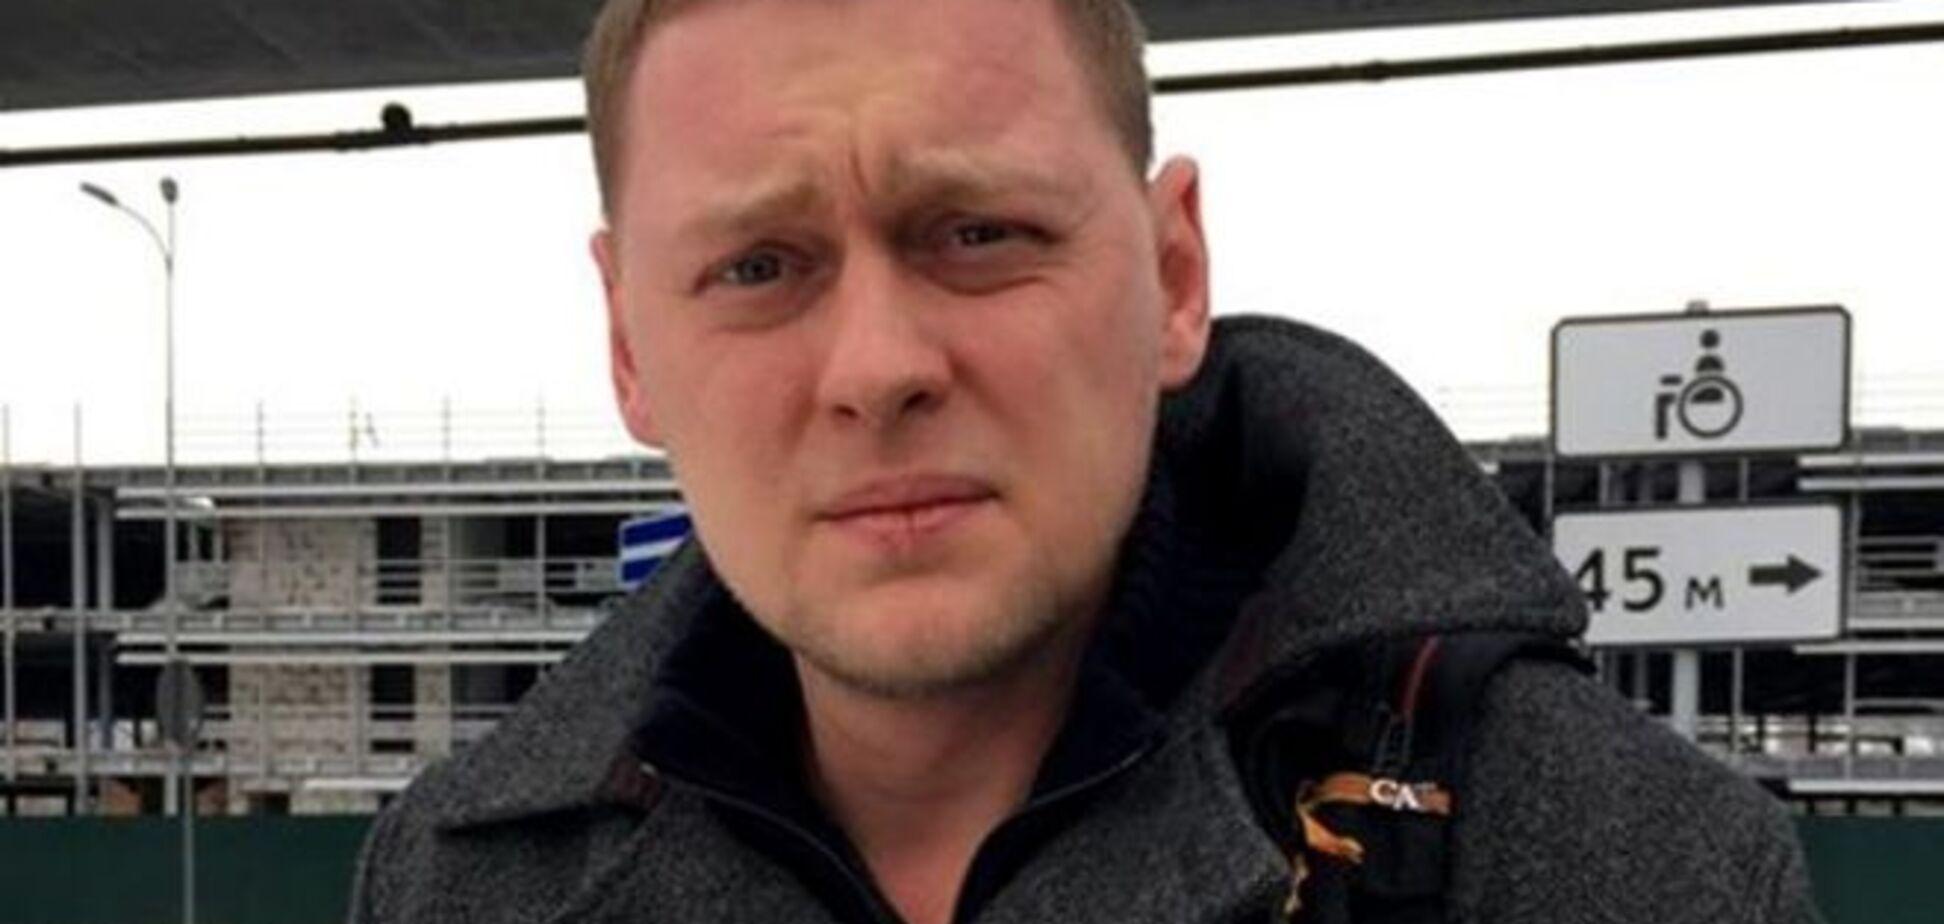 Российского журналиста, рассказывавшего о 'карателях', берут на 'Интер' - СМИ